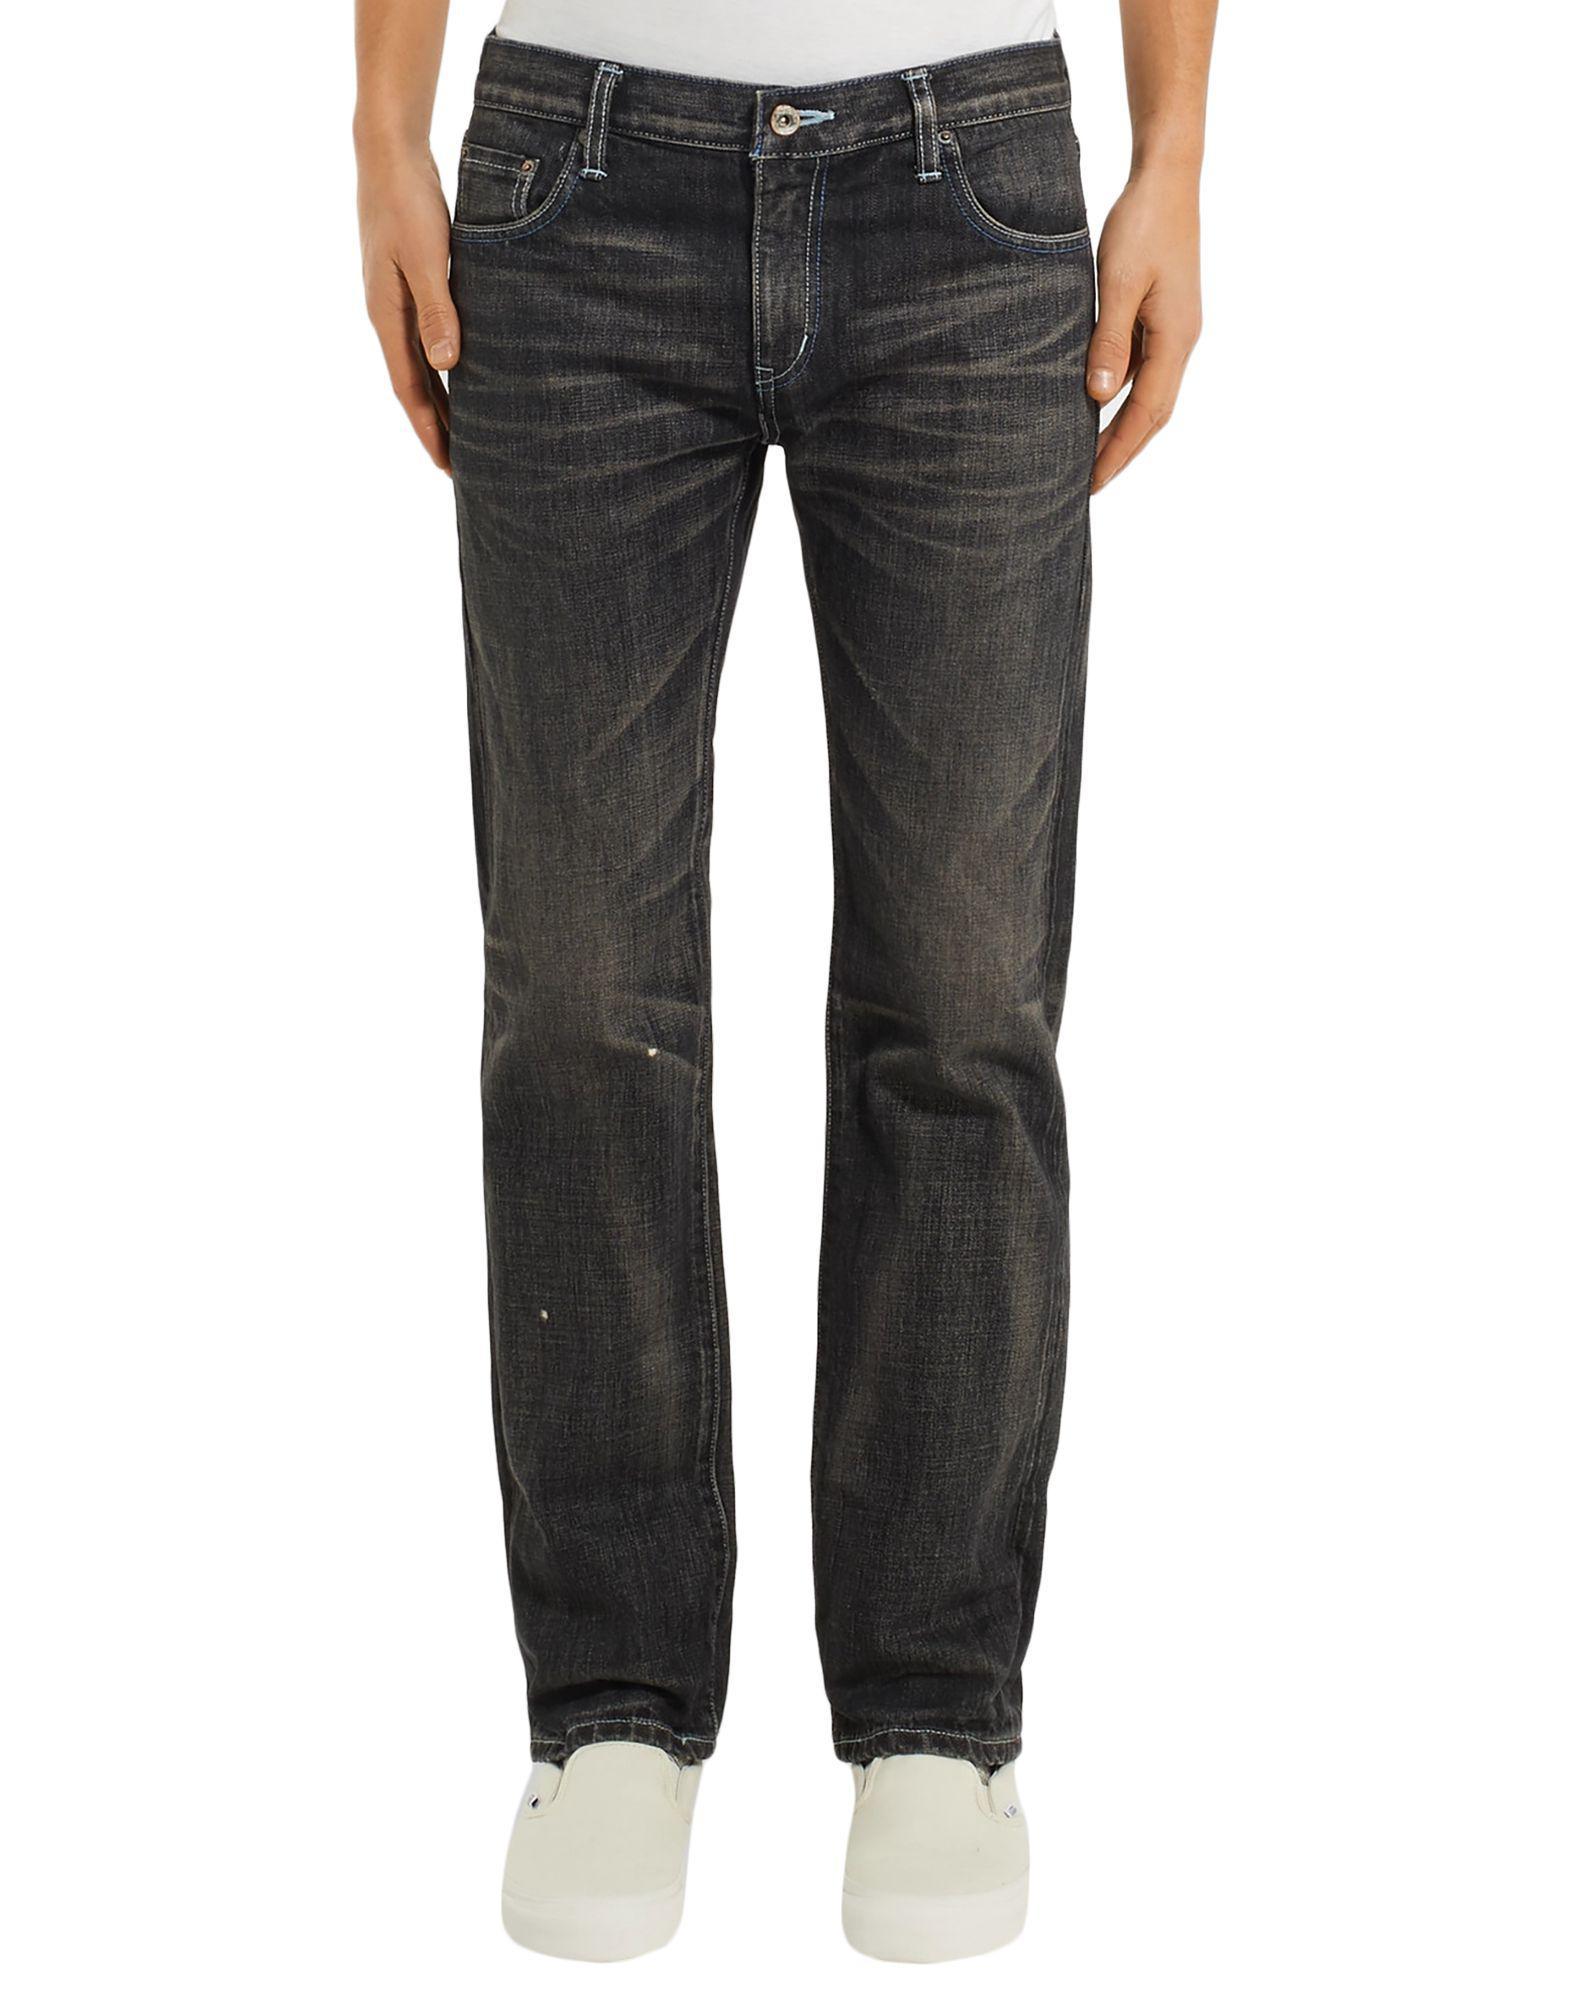 Neighborhood Denim Pants in Steel Grey (Grey) for Men